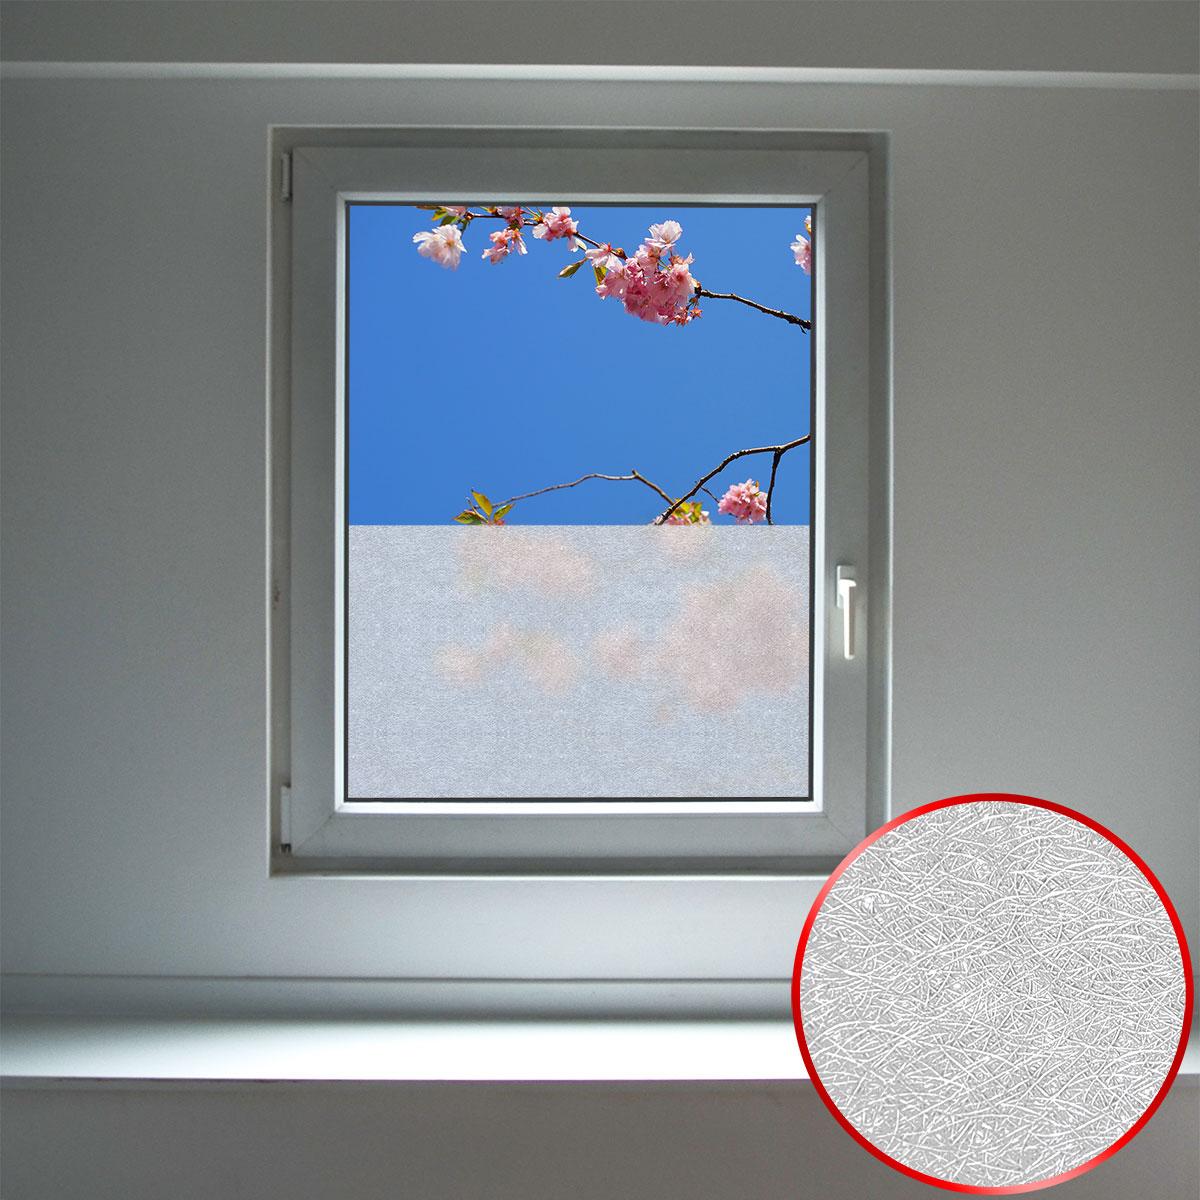 Full Size of Fensterfolie Blickdicht Sichtschutz 90x200 Cm Milchglasfolie Wohnzimmer Fensterfolie Blickdicht